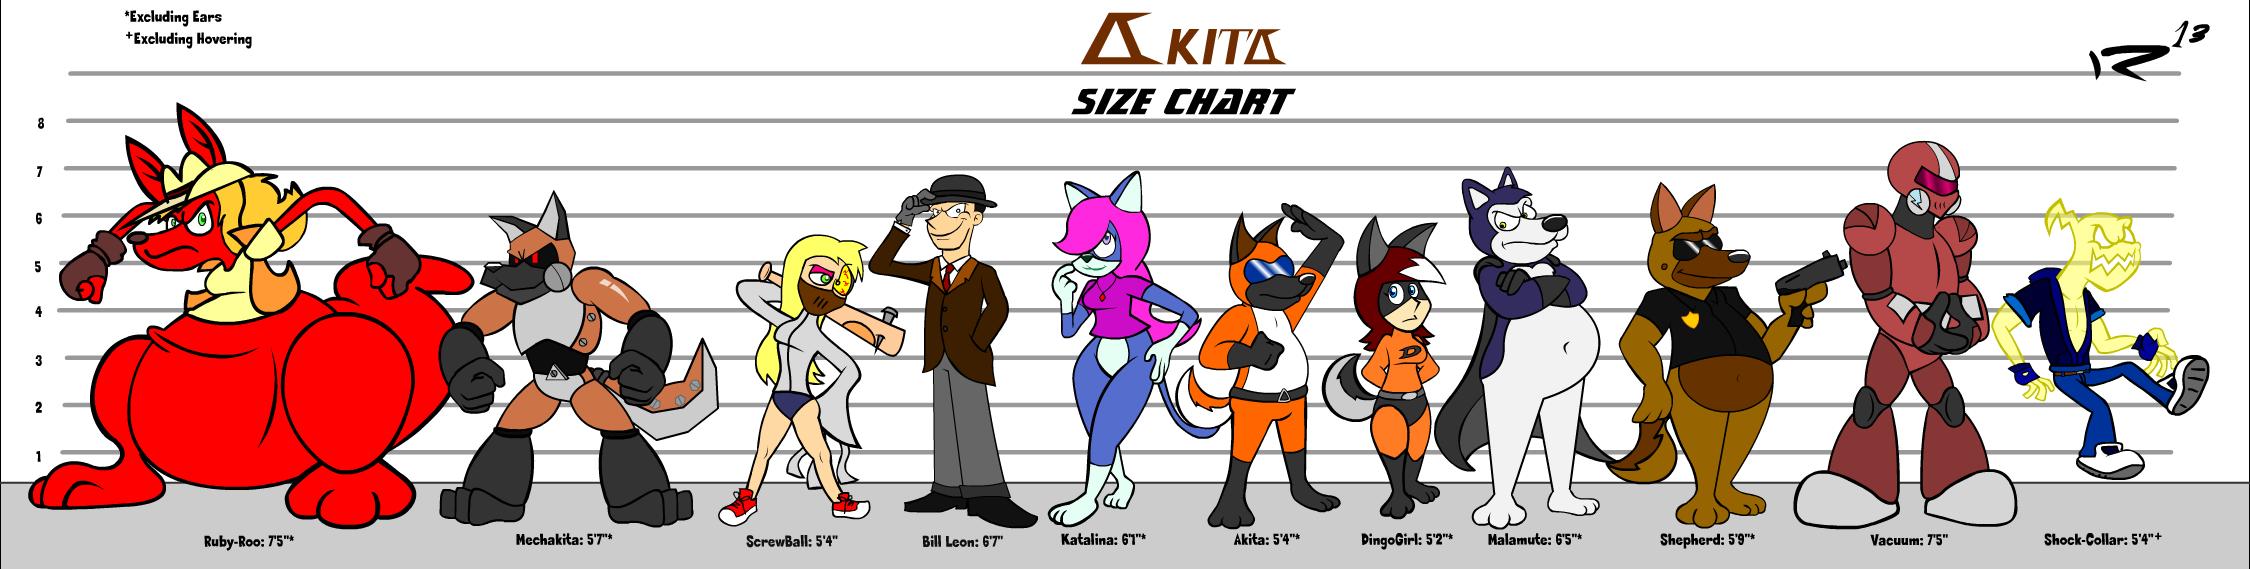 Akita Size Chart